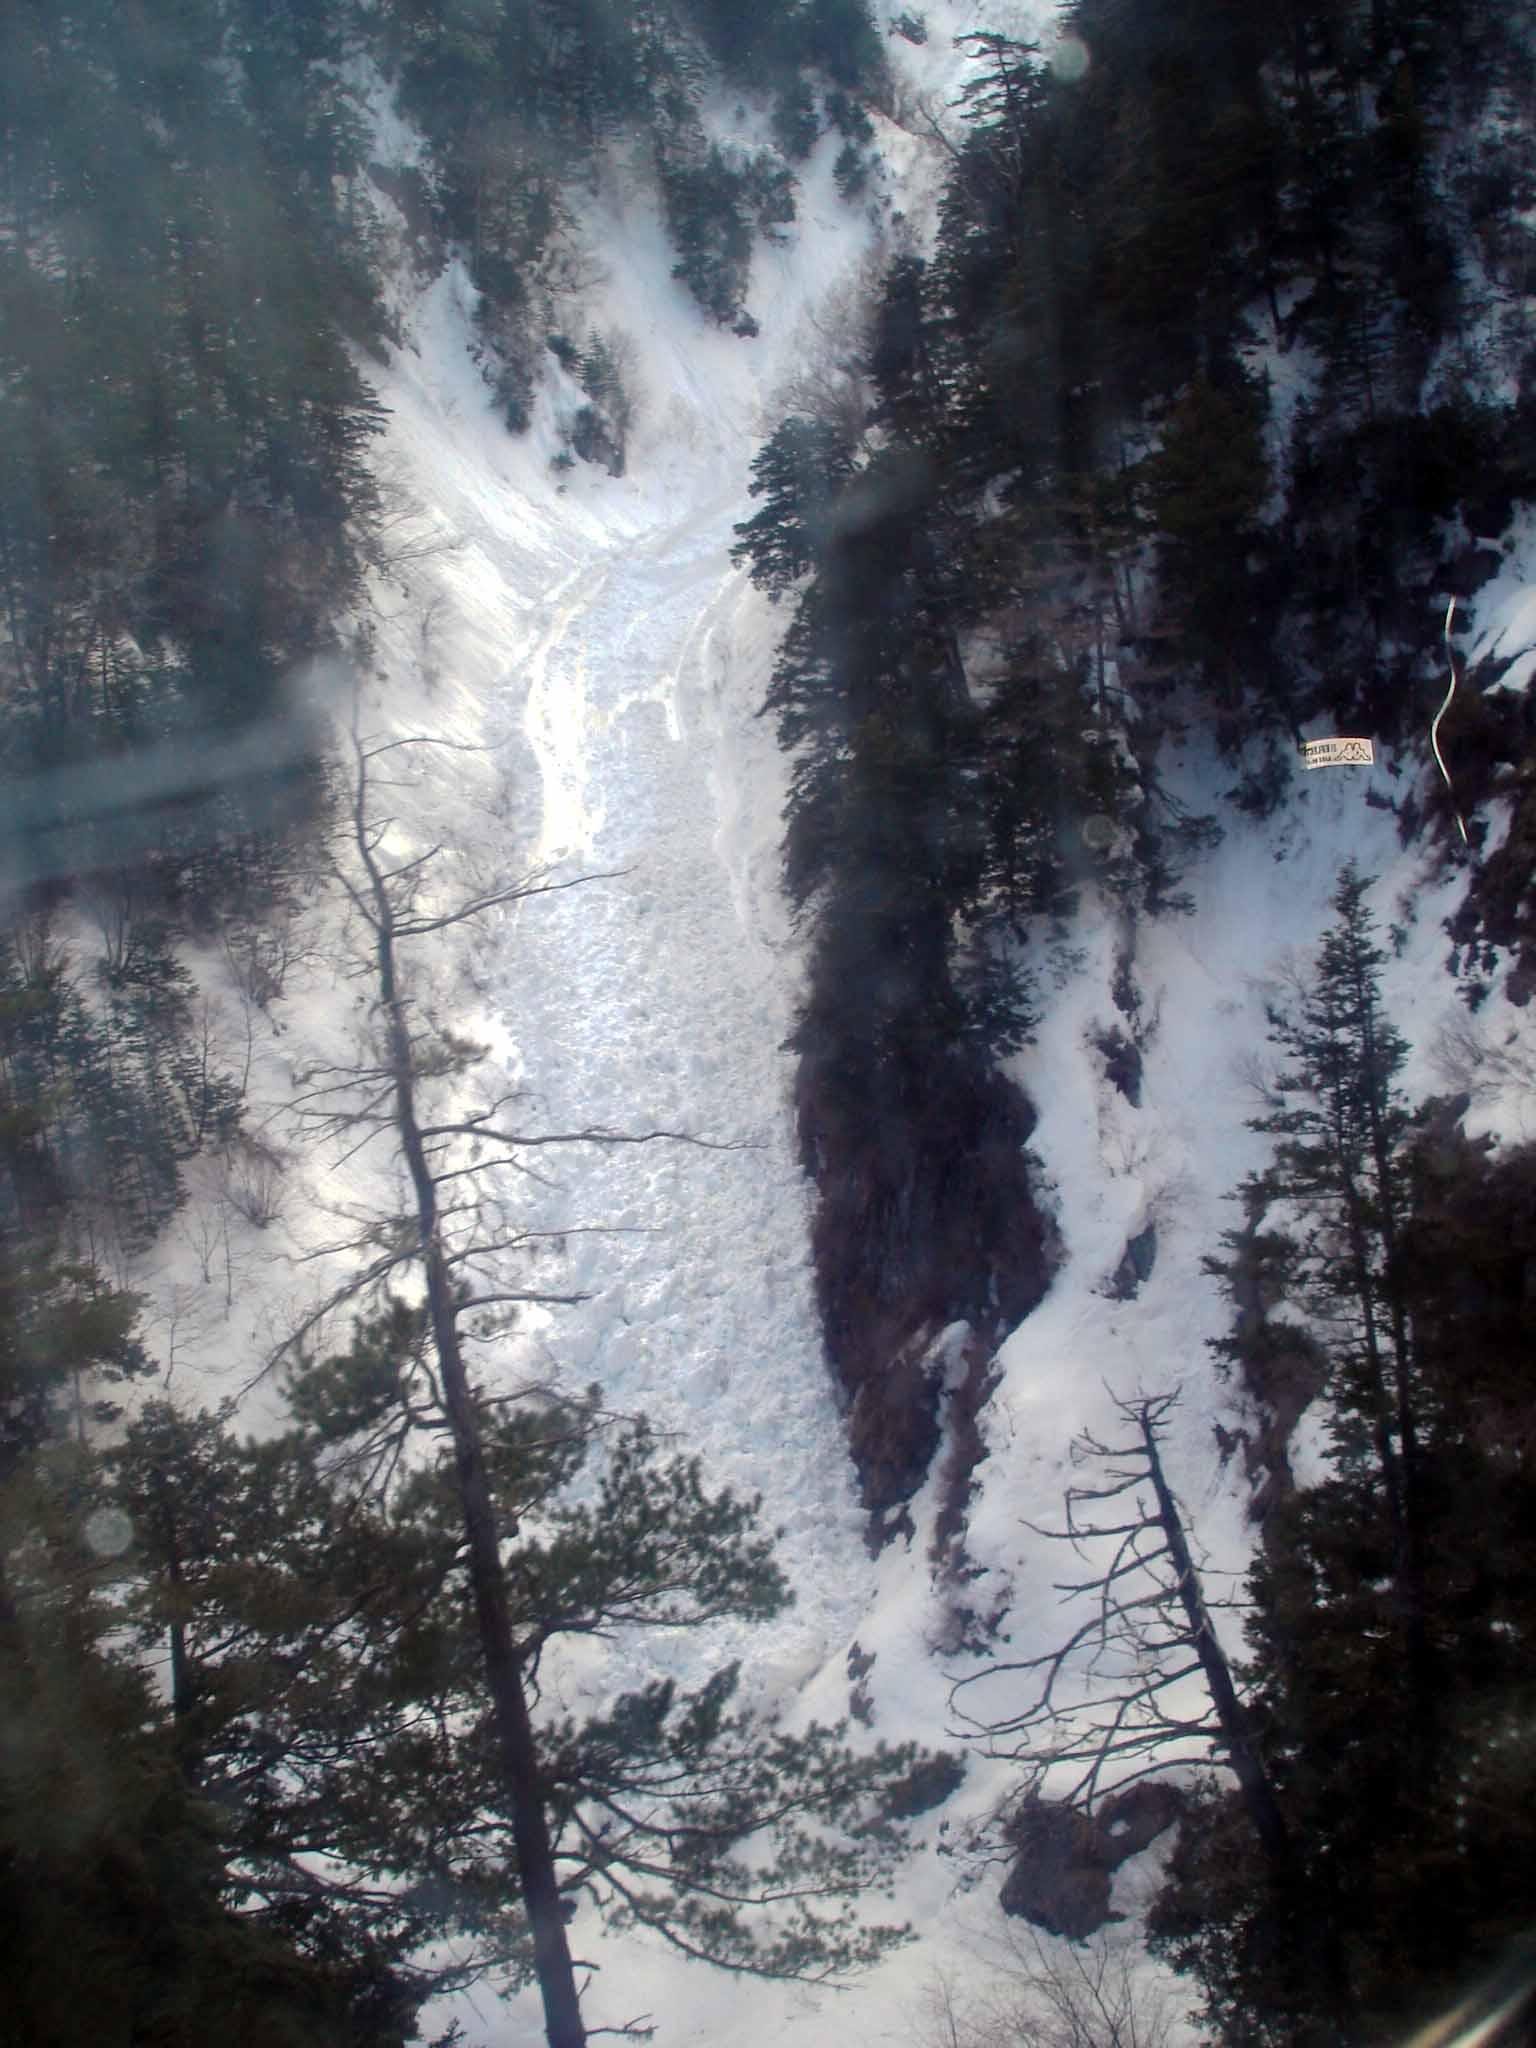 雪崩跡 Dsc00380 ゴンドラから谷あいの雪崩れ跡①(氷河の流れのよう)